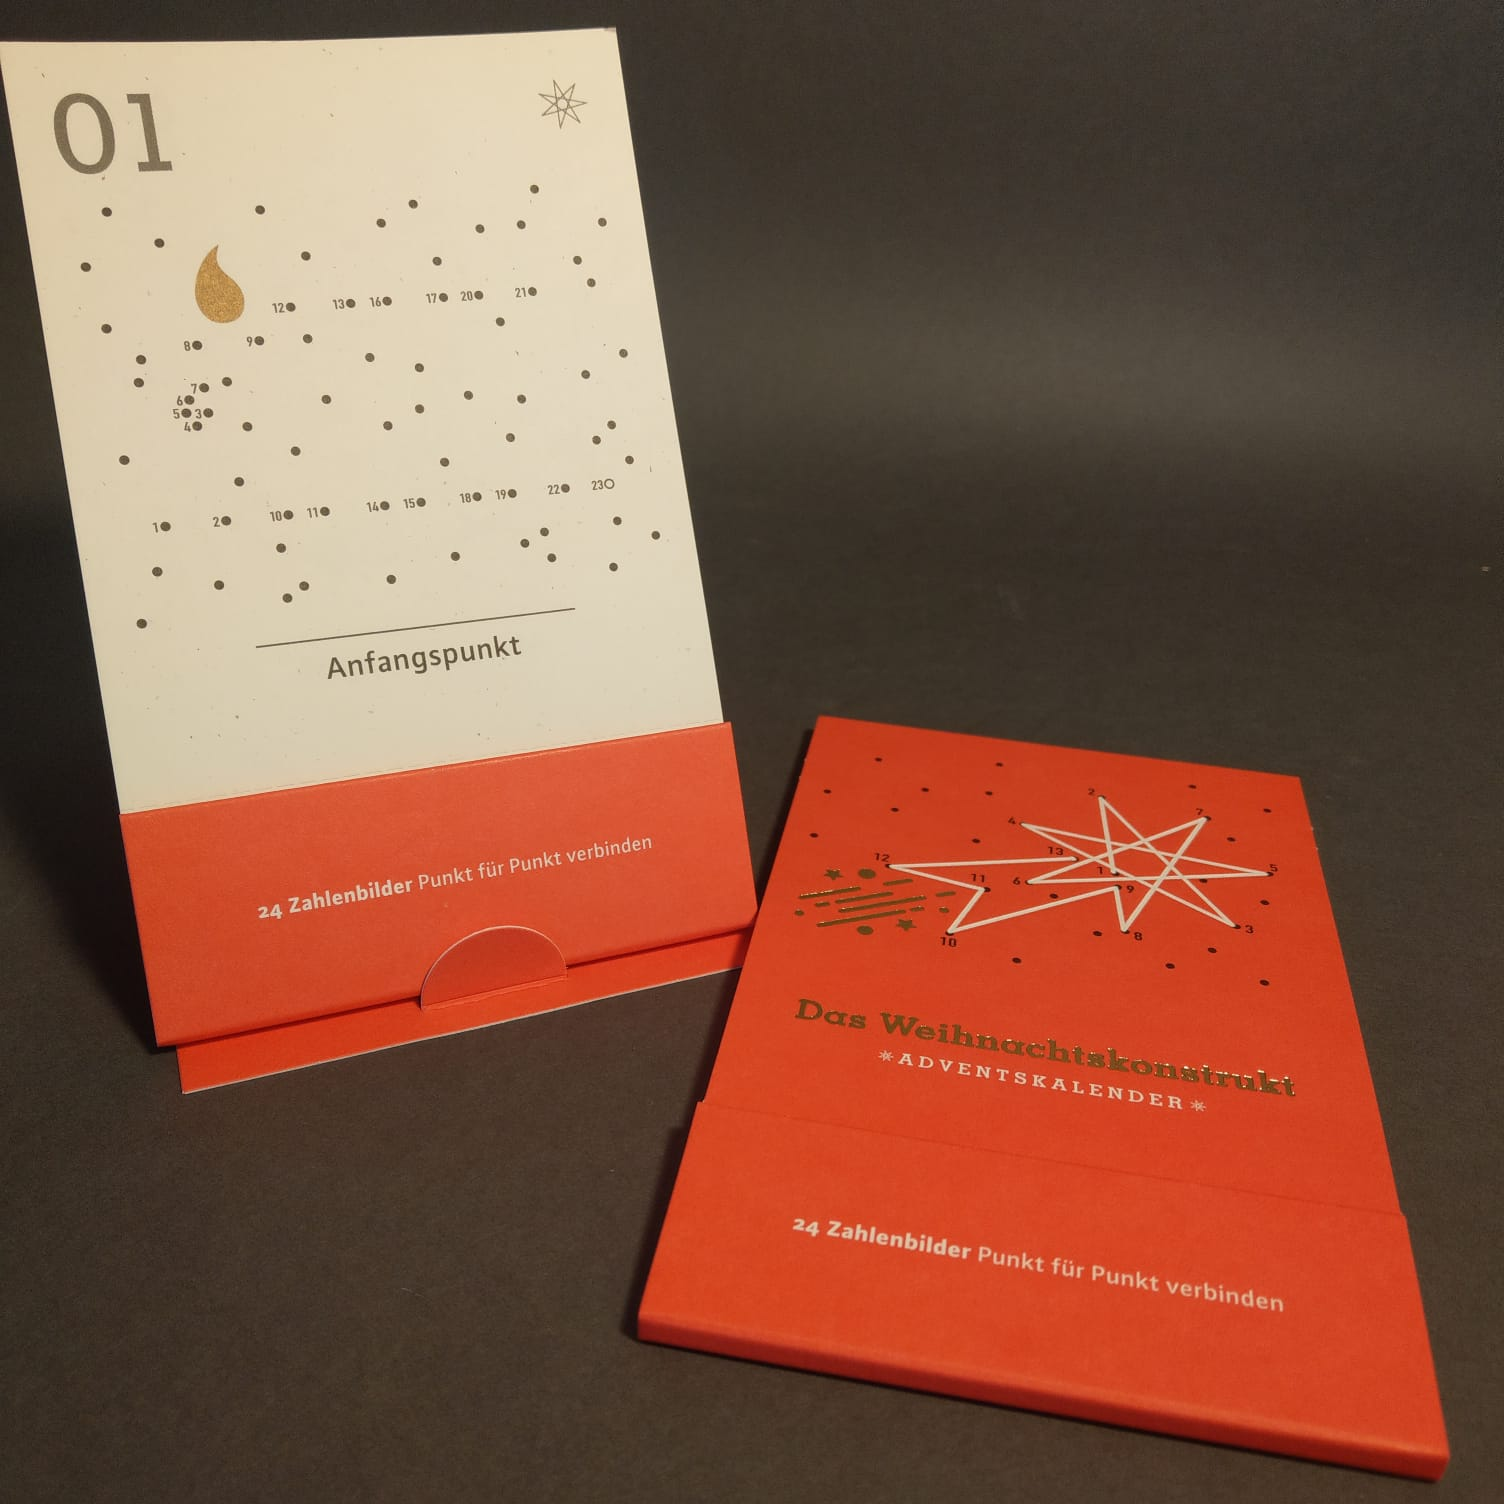 """Adventskalender """"Das Weihnachtskonstrukt"""""""